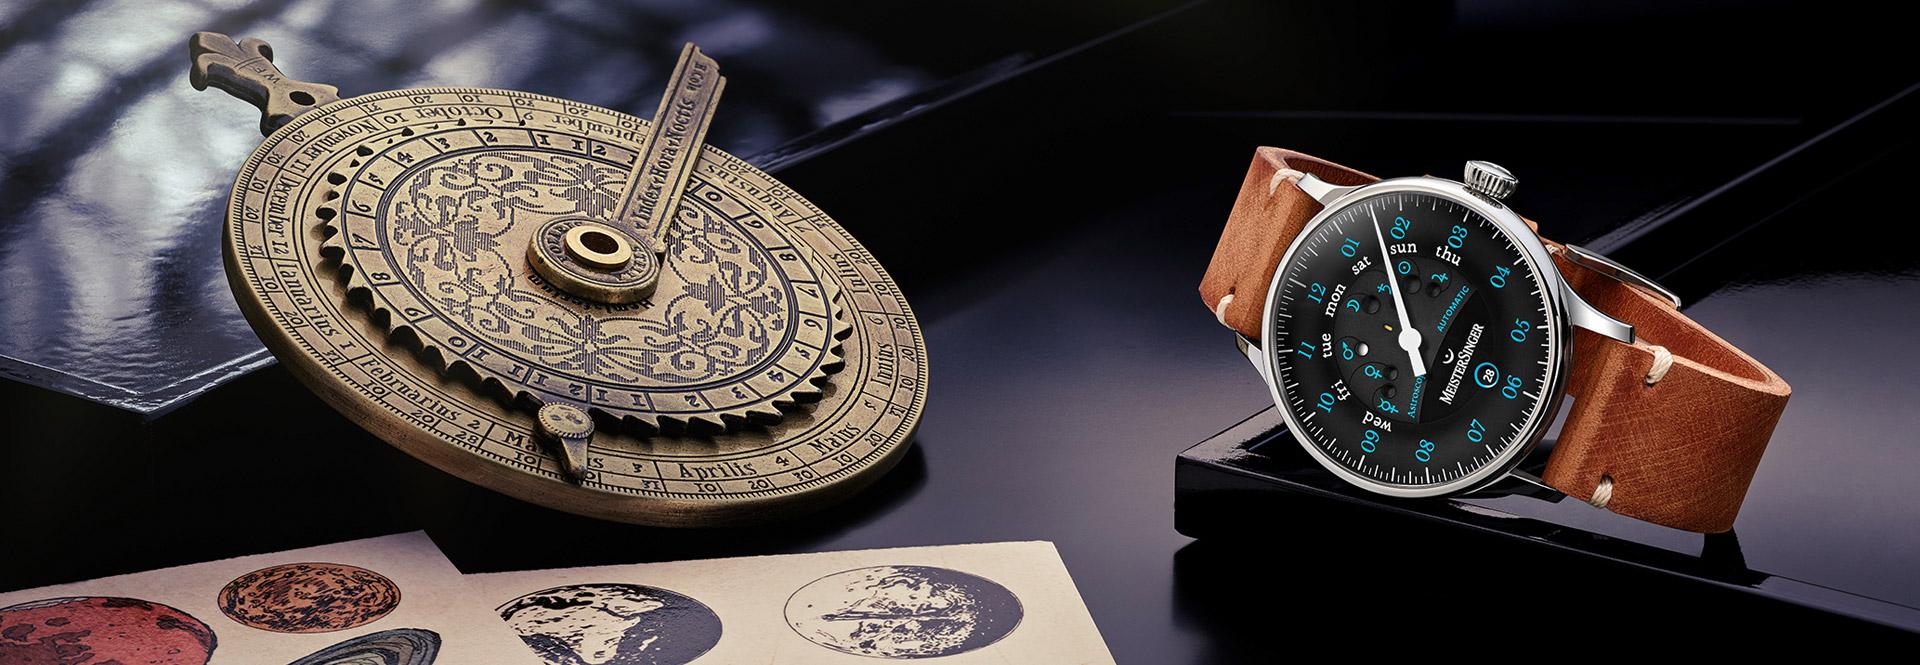 MeisterSinger Astroscope Einzeigeruhren fuer Sternengucker